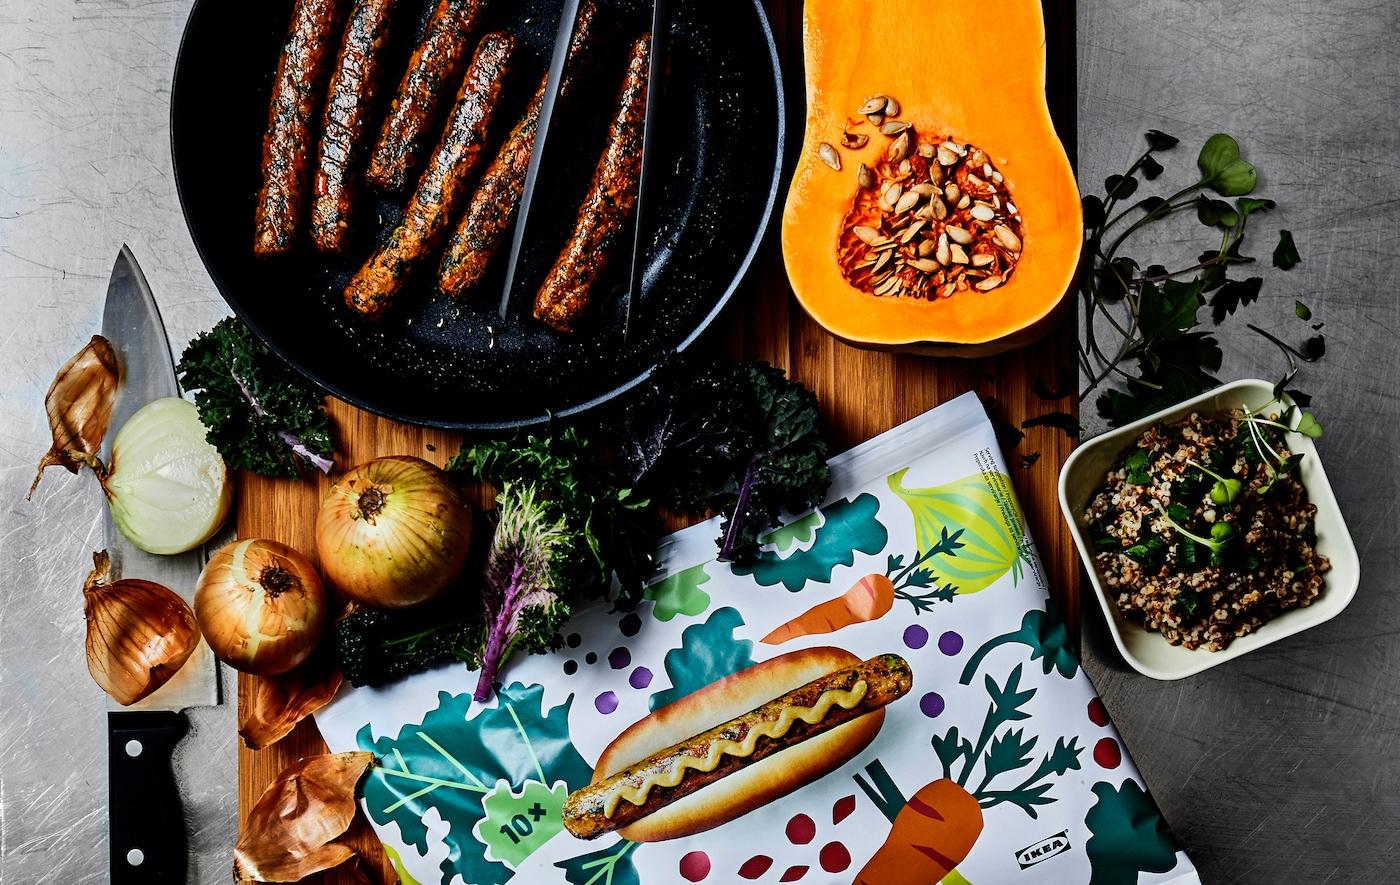 Kolbászok egy edényben, zöldségek és mintás hot dog csomagolás egy fa vágódeszkán.